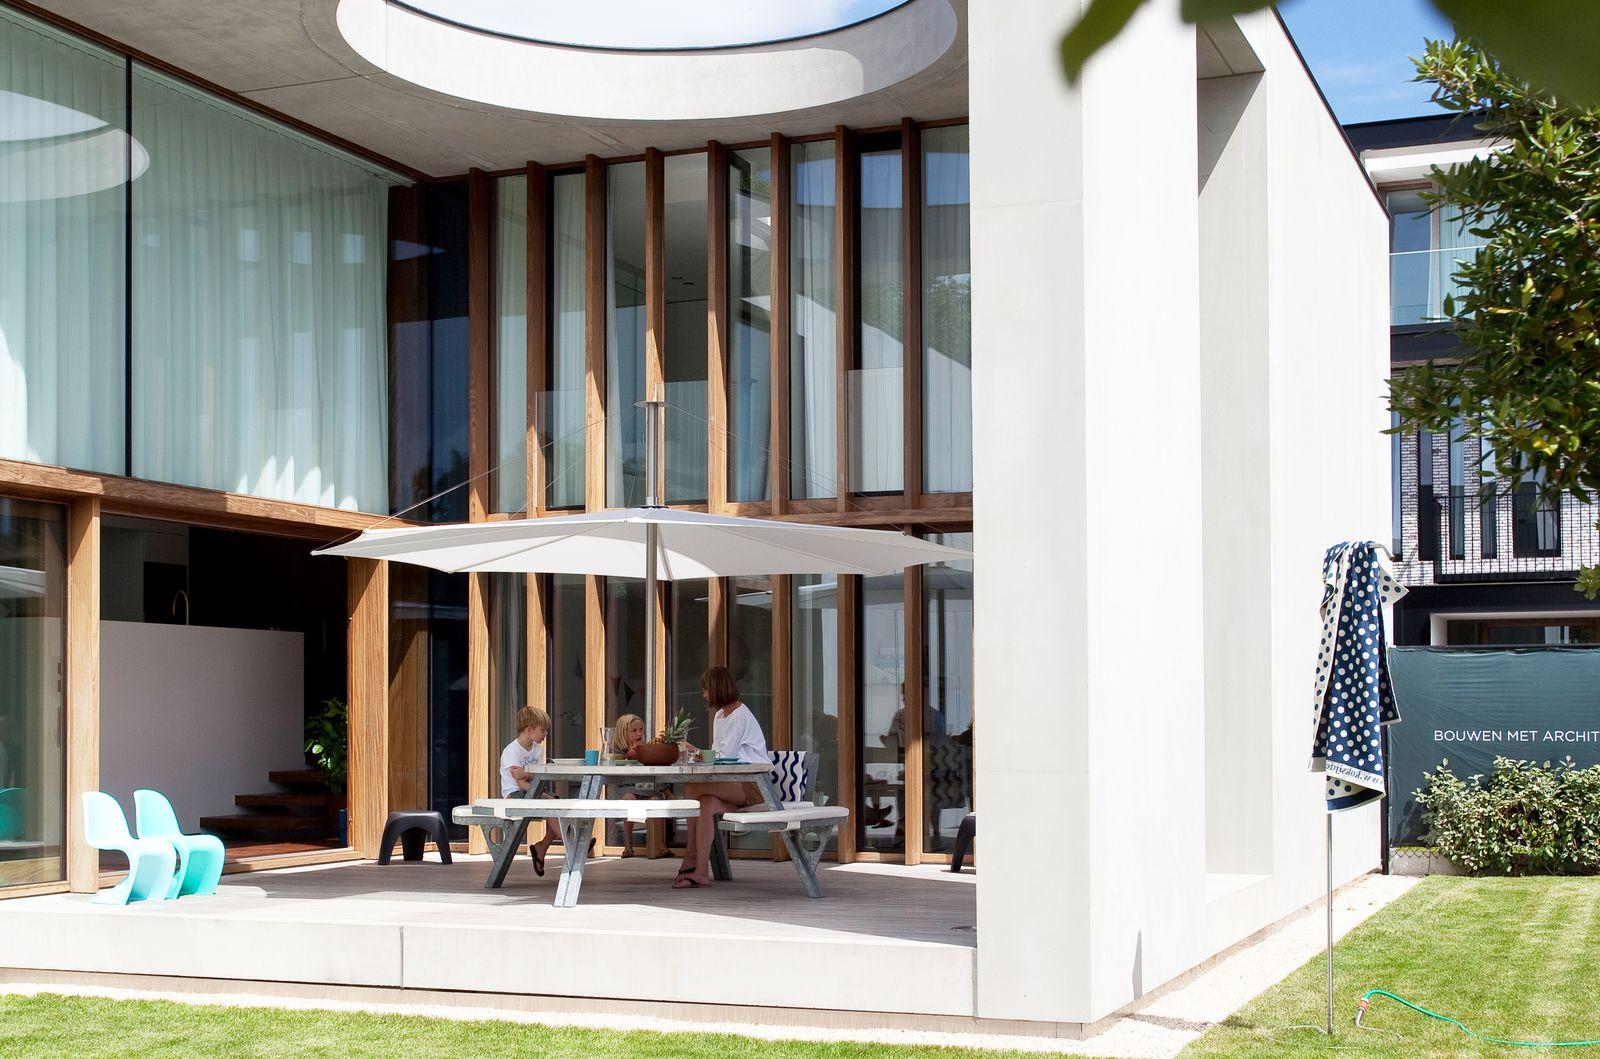 Eine Betonvilla mit beeindruckender Terrasse